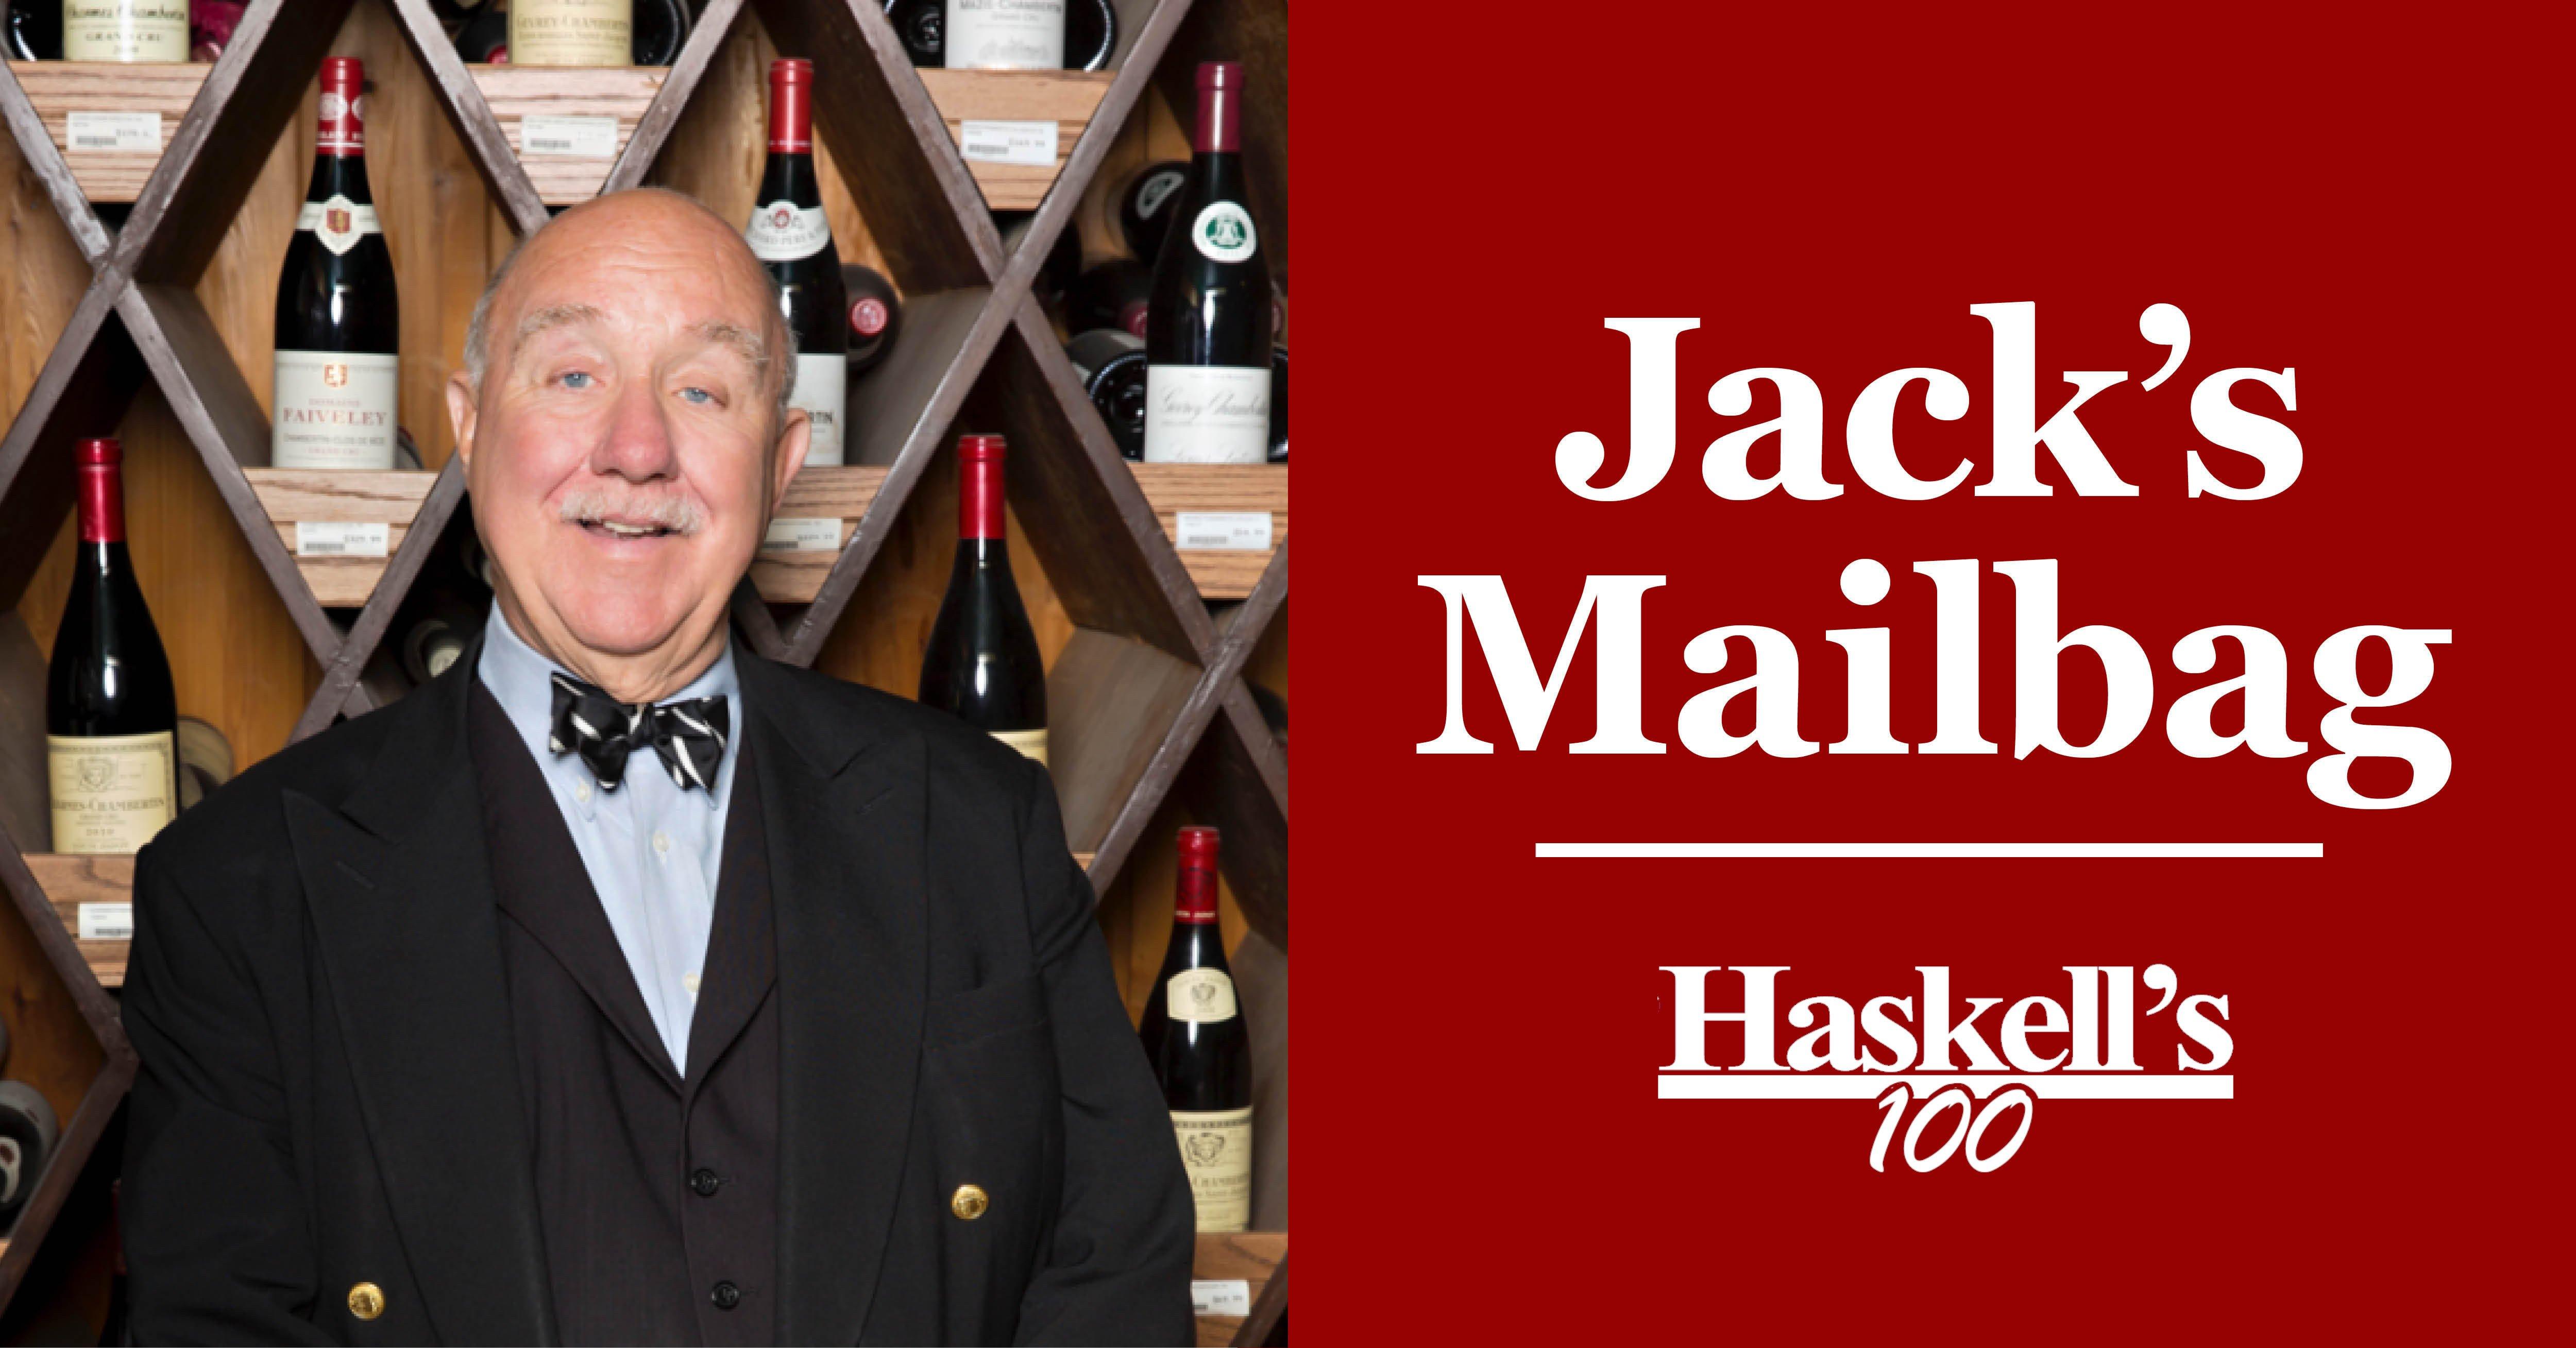 Jacks Mailbag